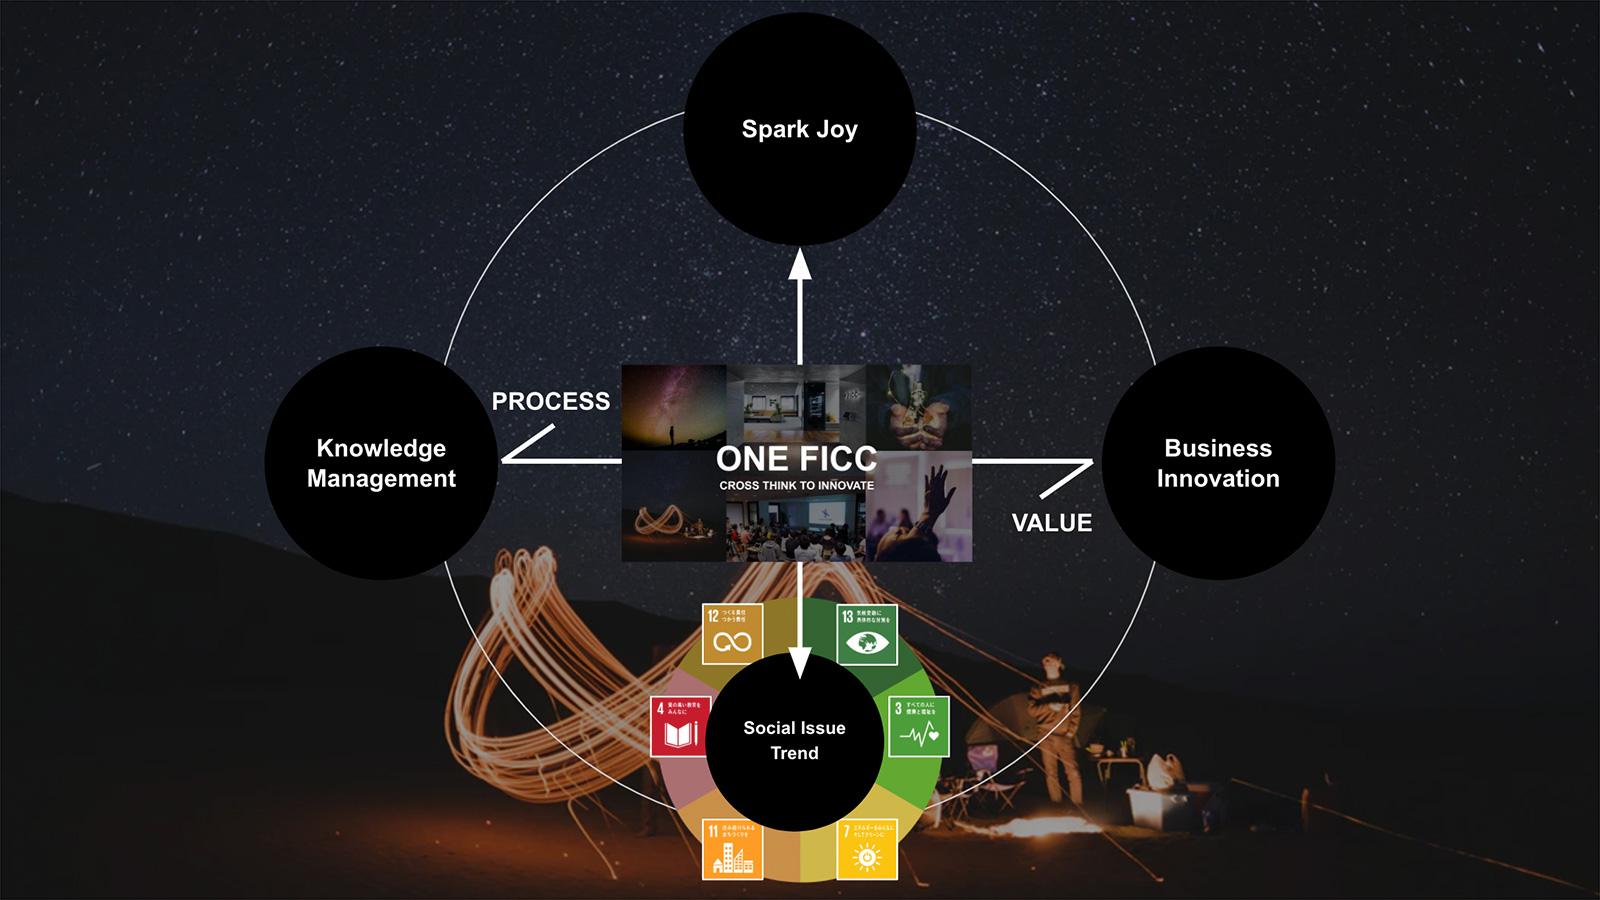 2020年から掲げる組織テーマ「ONE FICC ー CROSS THINK TO INNOVATE」